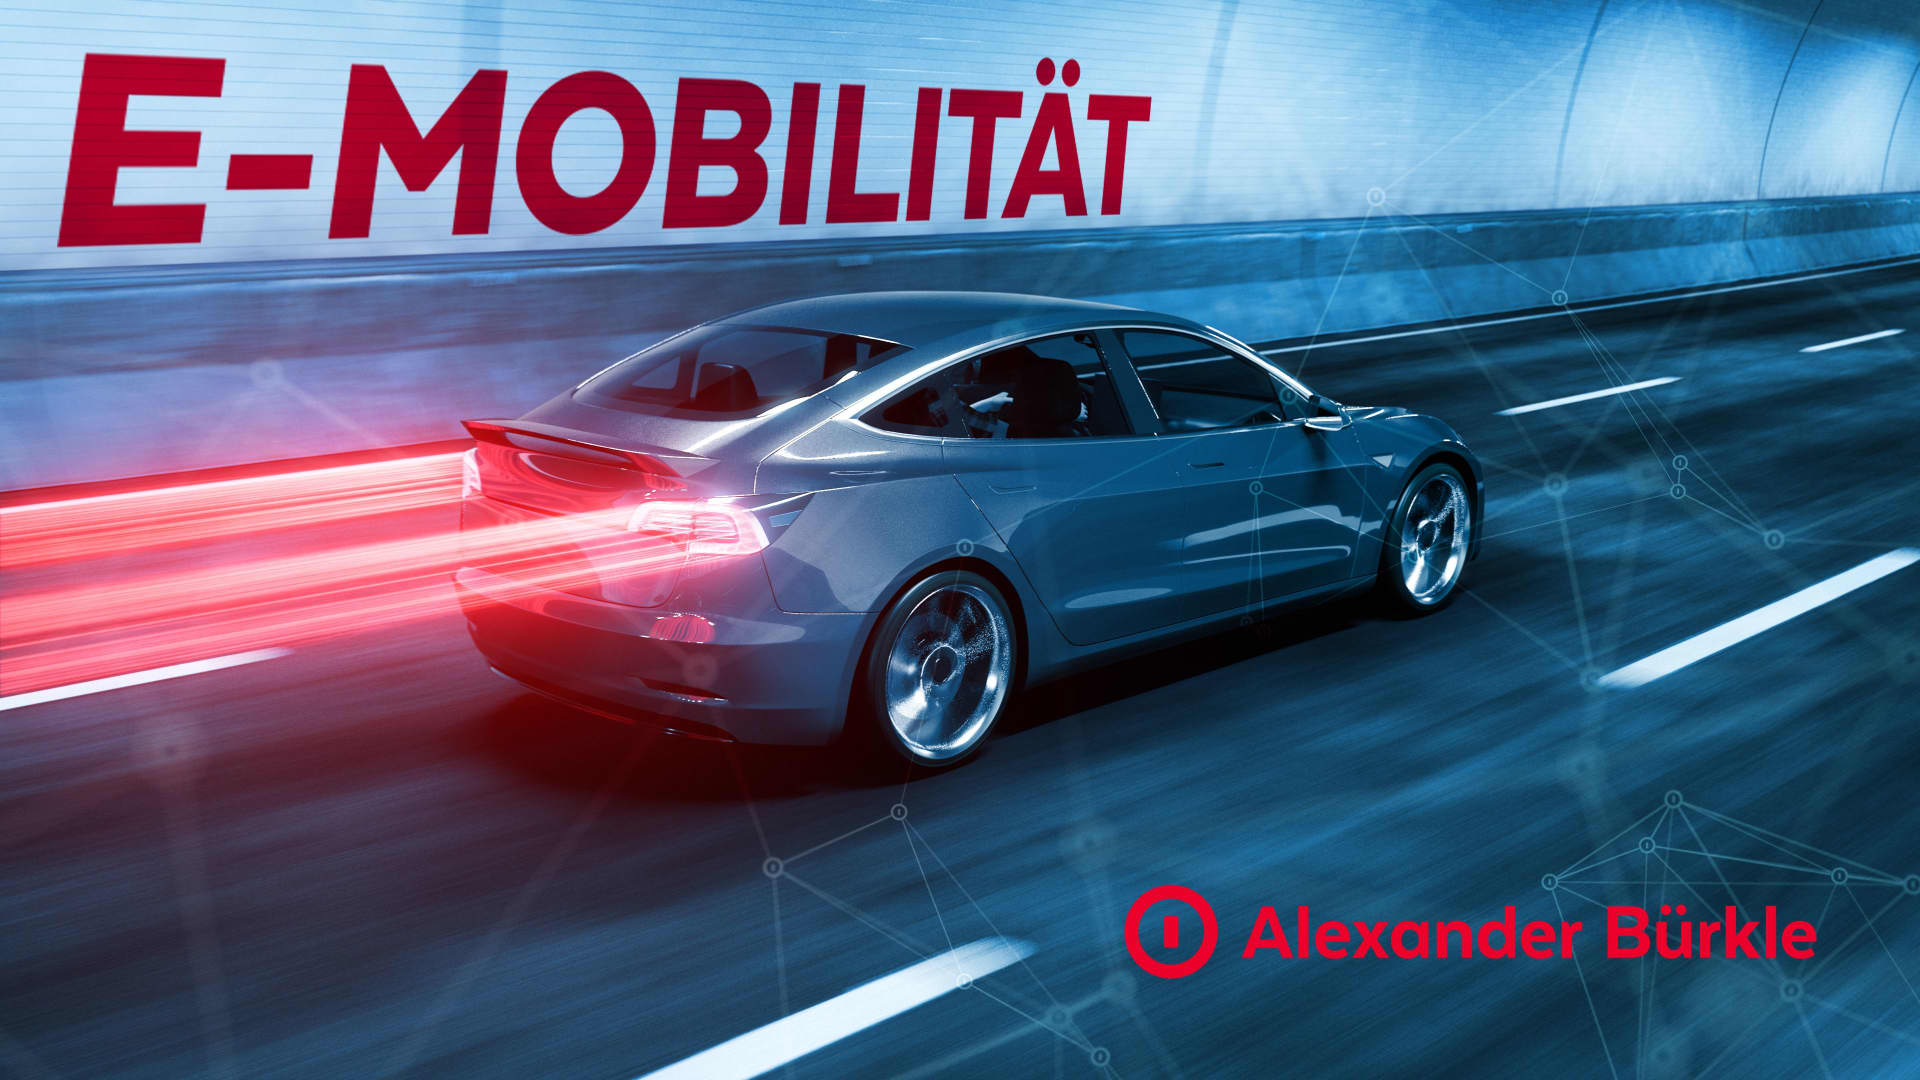 Elektromobilität mischt den Markt auf